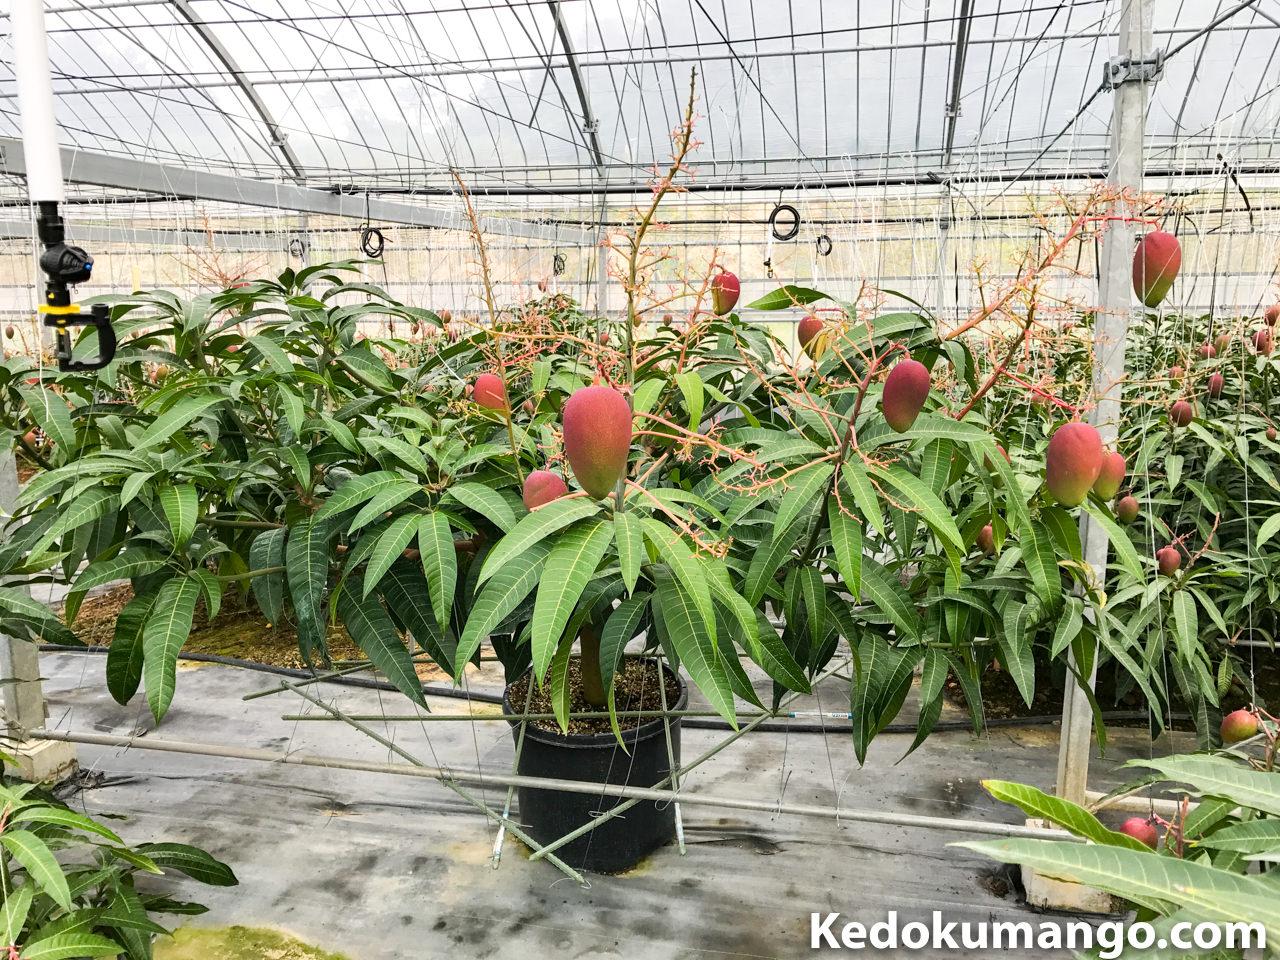 果実の実るレッドキンコウマンゴー